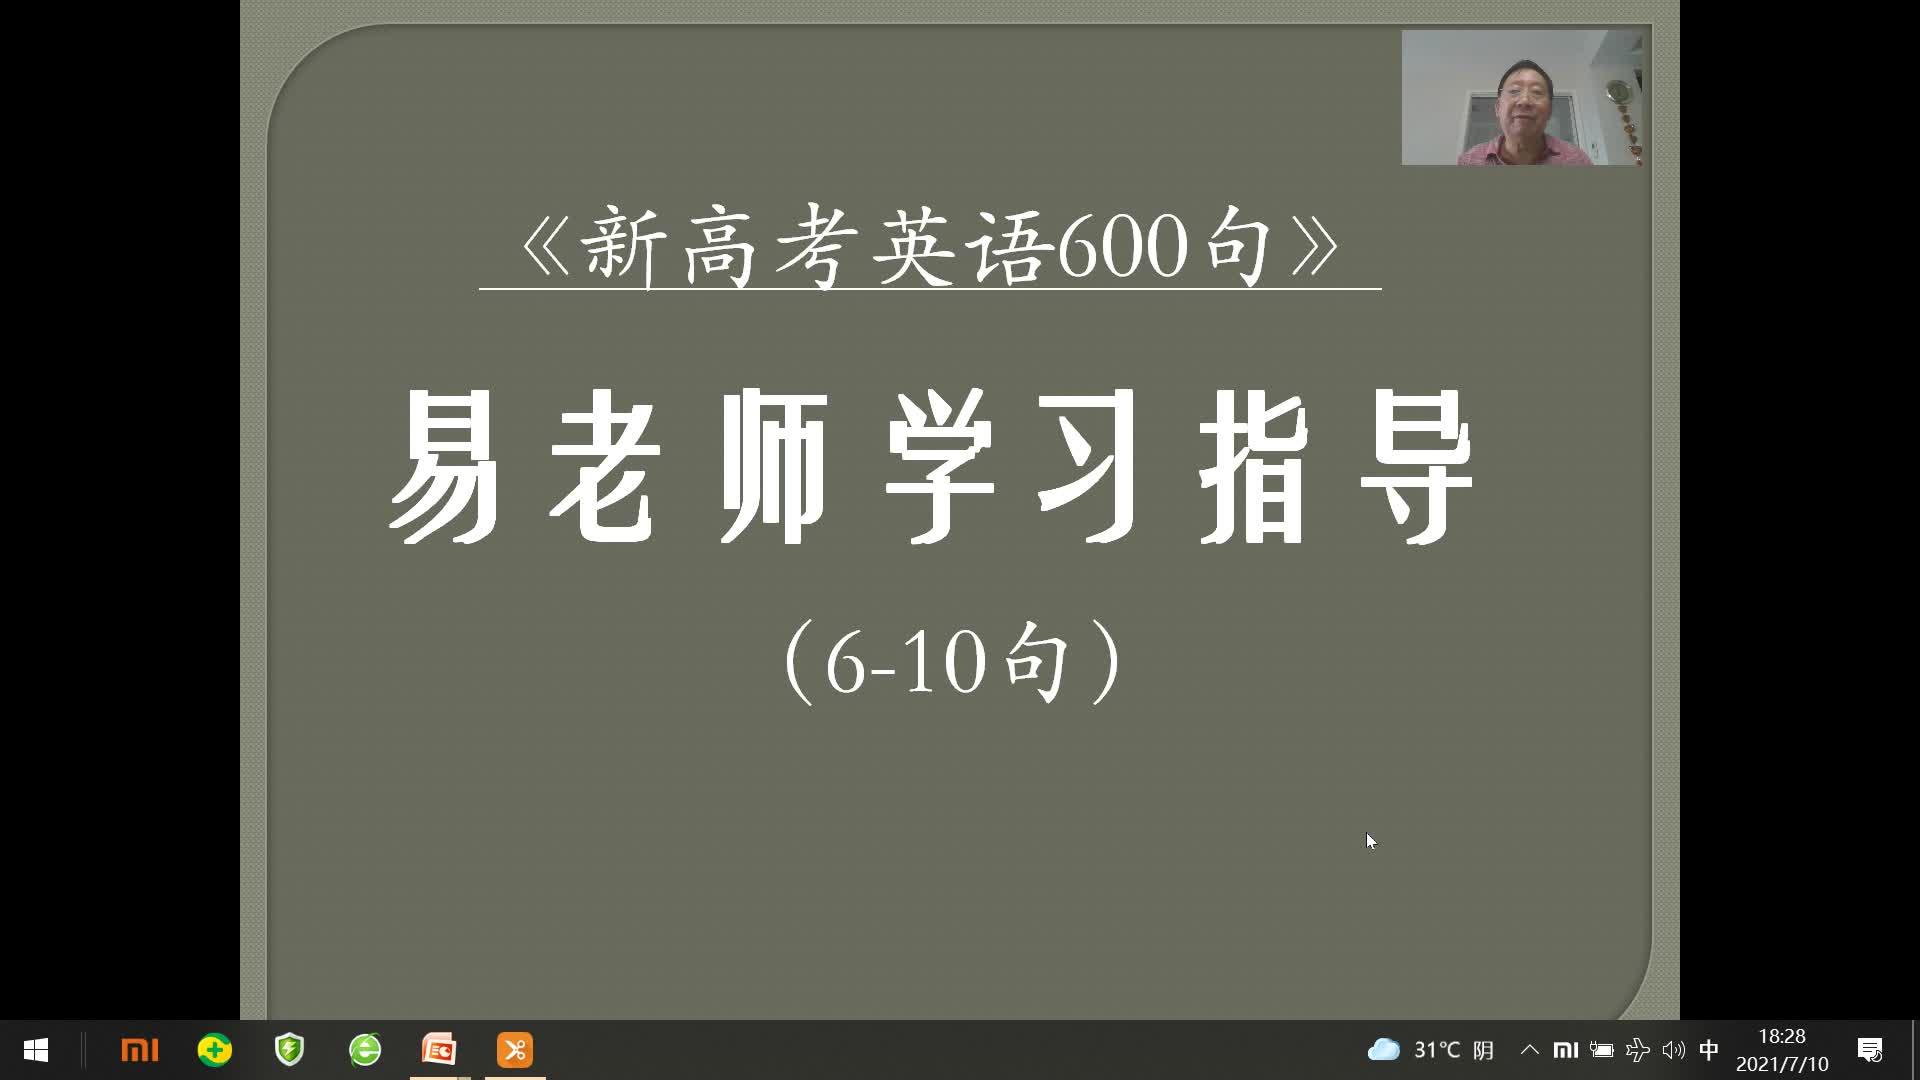 易仁荣英语《 新高考英语600句》第6-10句学习指导 - 易仁荣英语《 新高考英语600句》学习指导视频